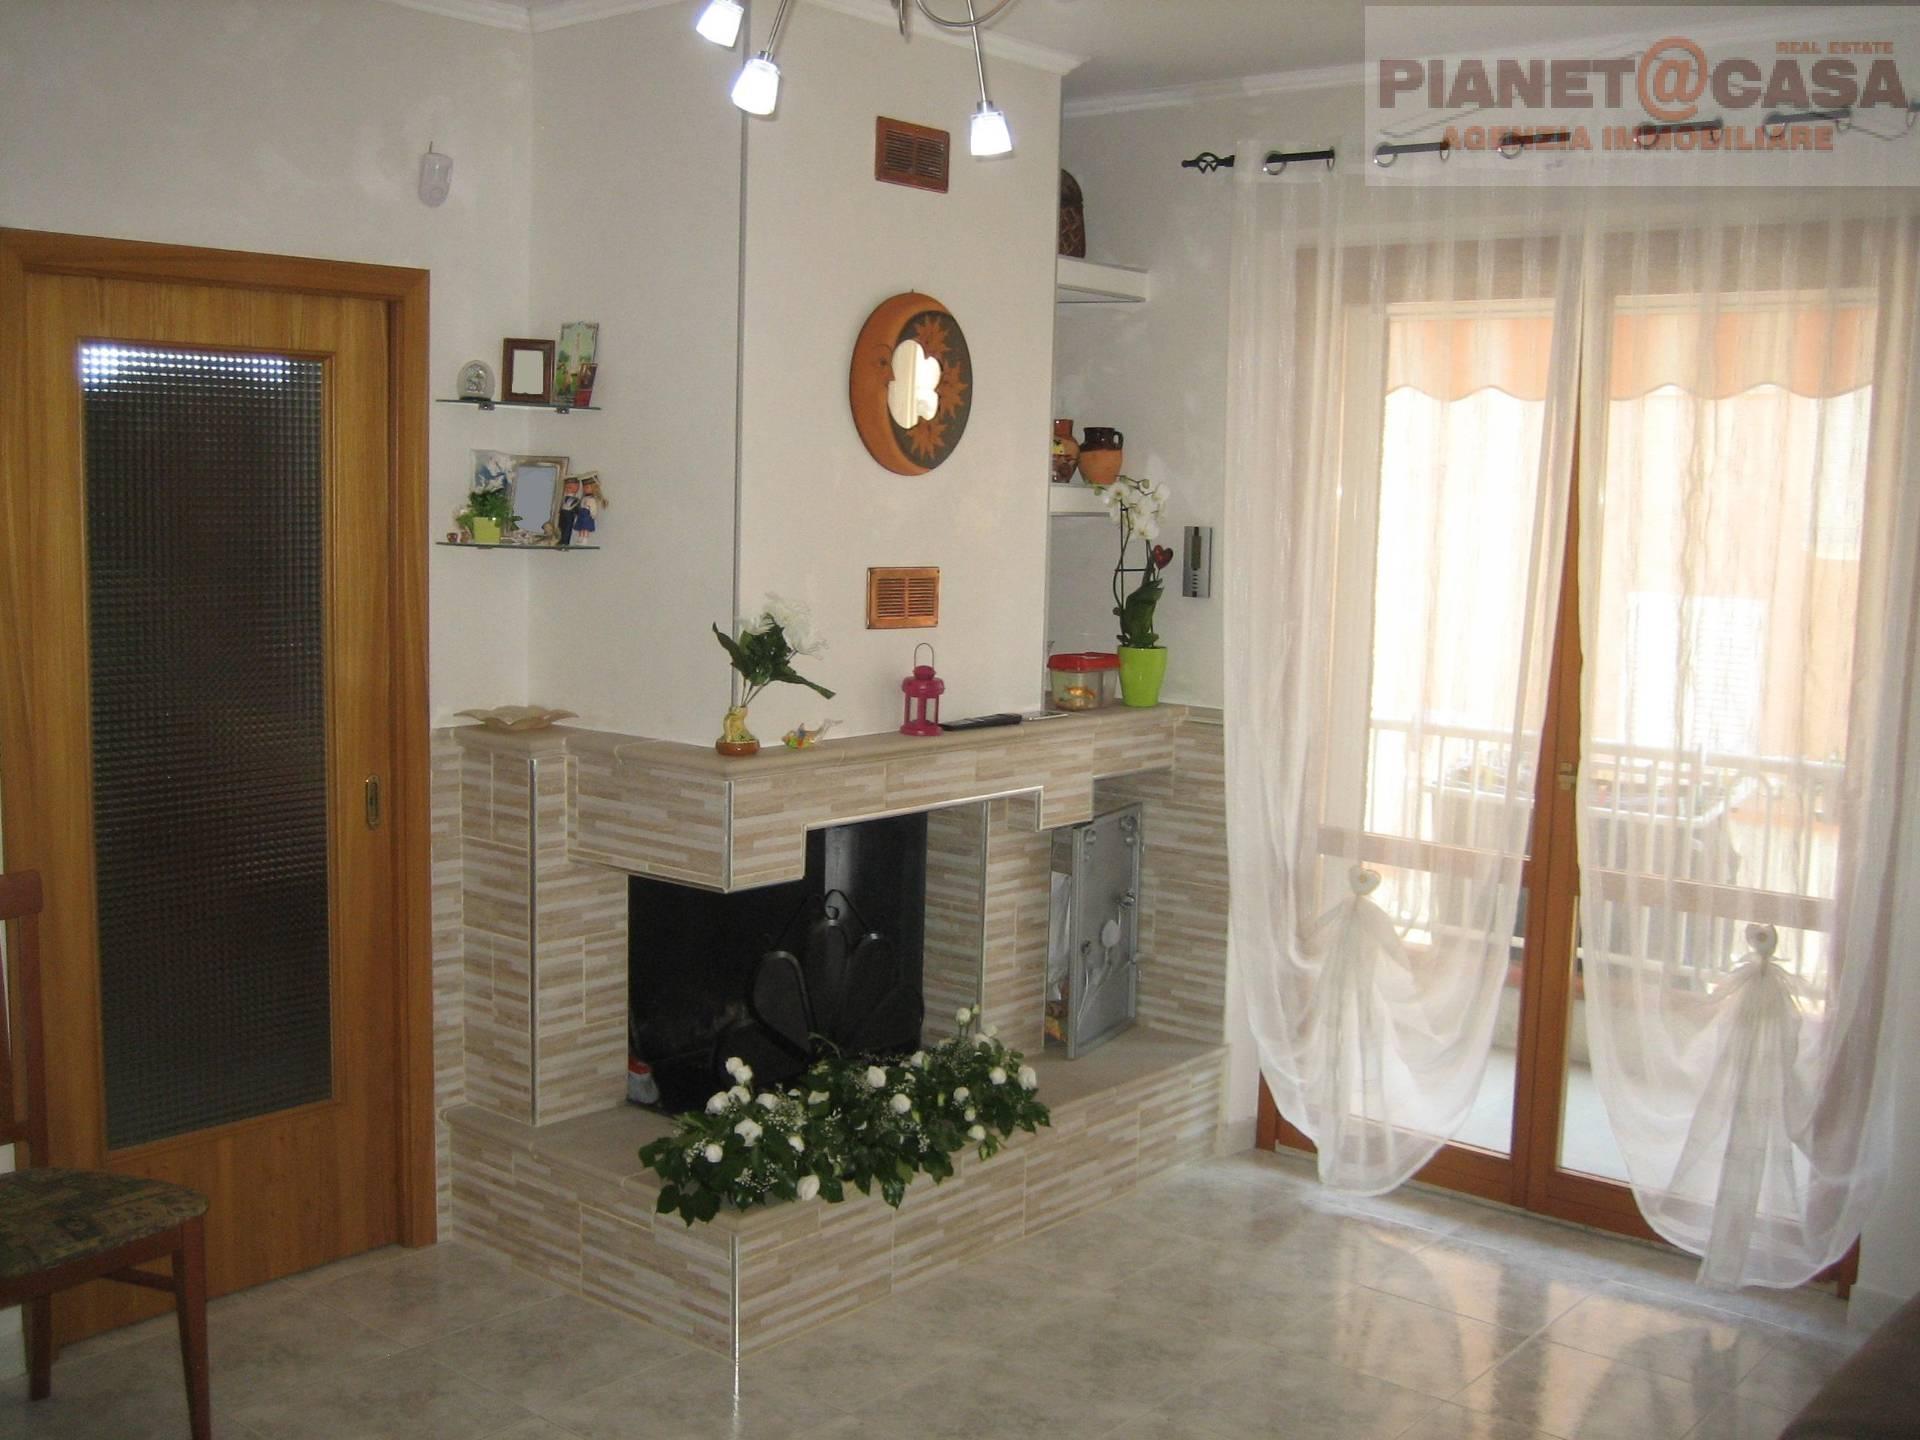 Appartamento in vendita a Castel di Lama, 5 locali, prezzo € 145.000   CambioCasa.it